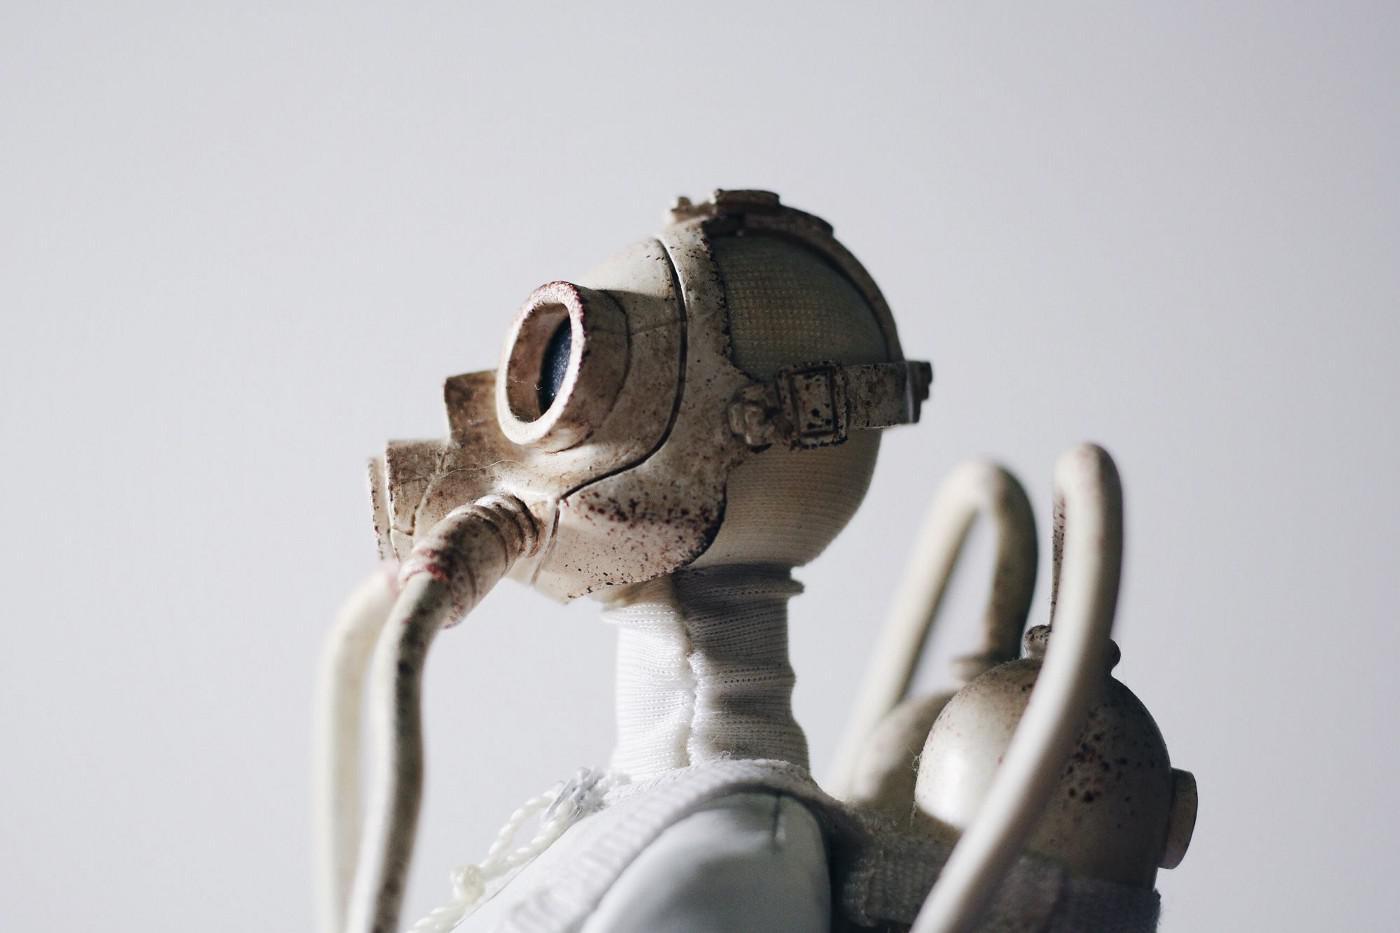 聊天机器人经历了一个炒作周期 接下来会发生什么